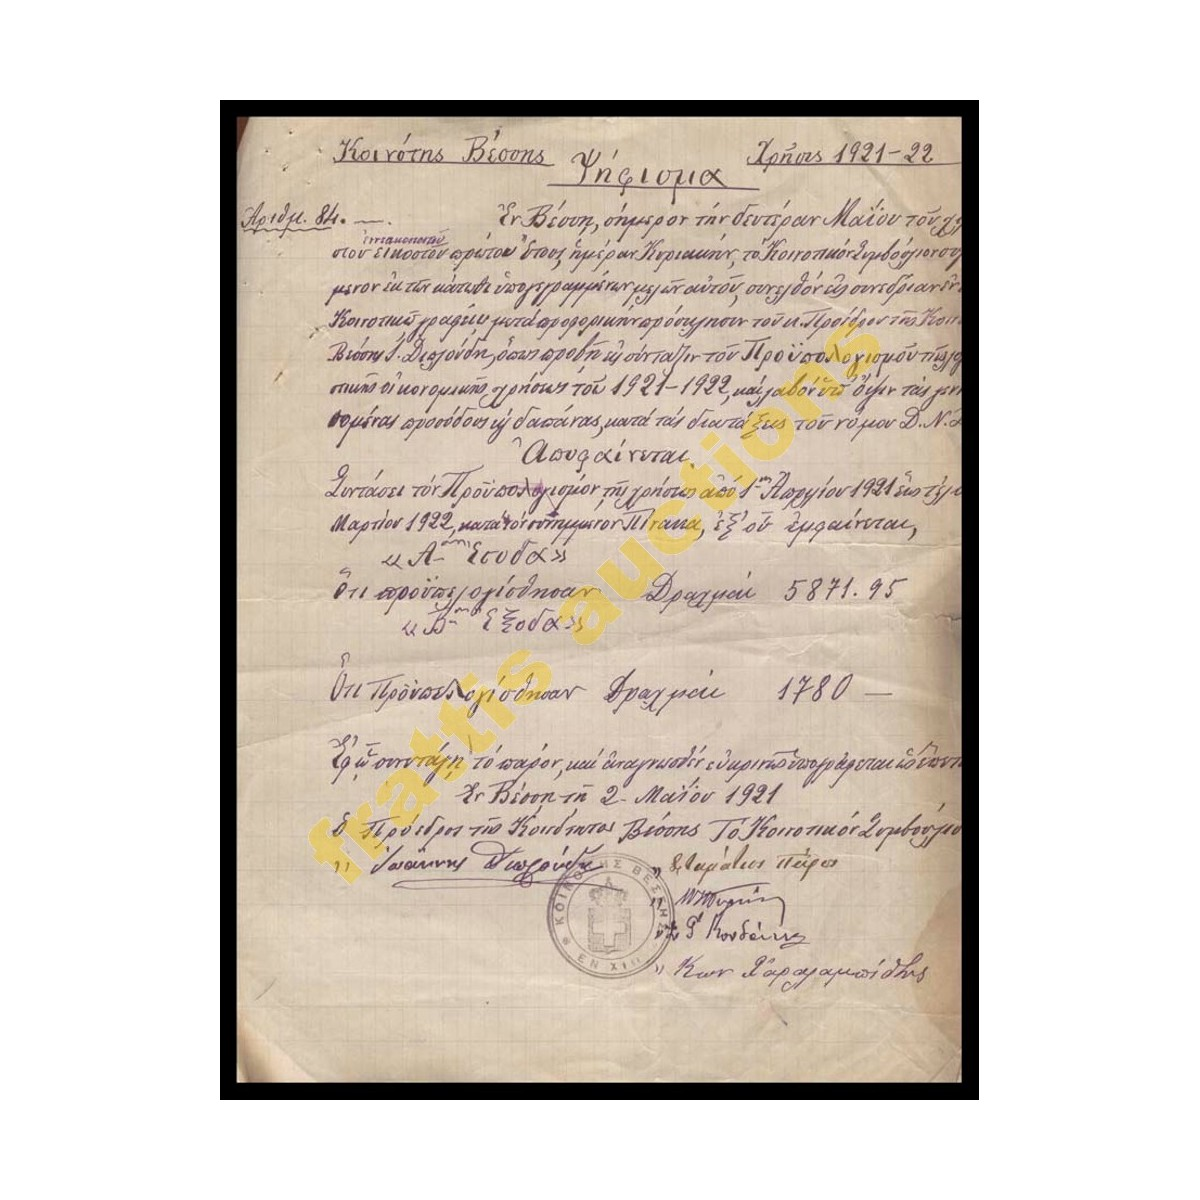 ΧΙΟΣ Κοινότης Βέσσης, ψήφισμα 1921.